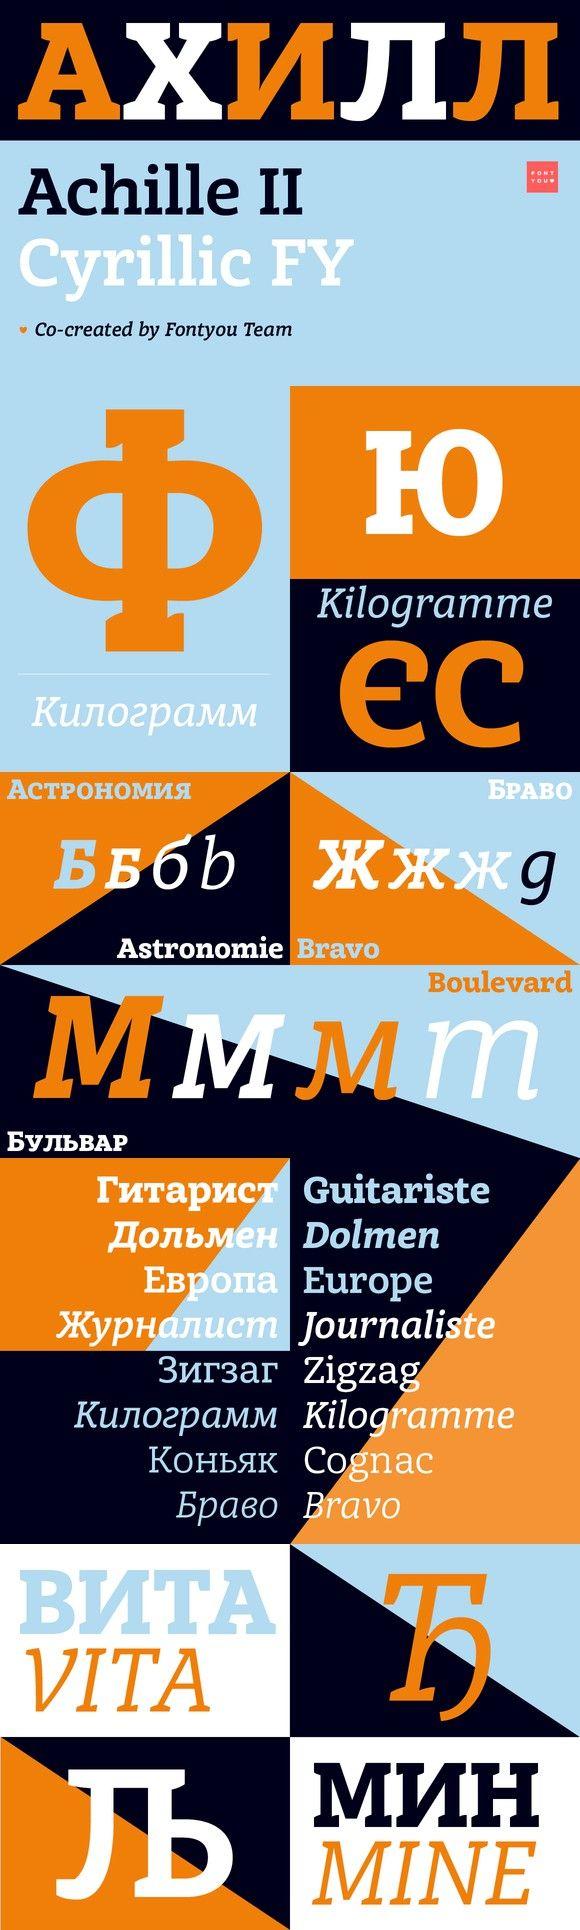 Achille II Cyr FY Medium Italic. Slab Serif Fonts. $70.00